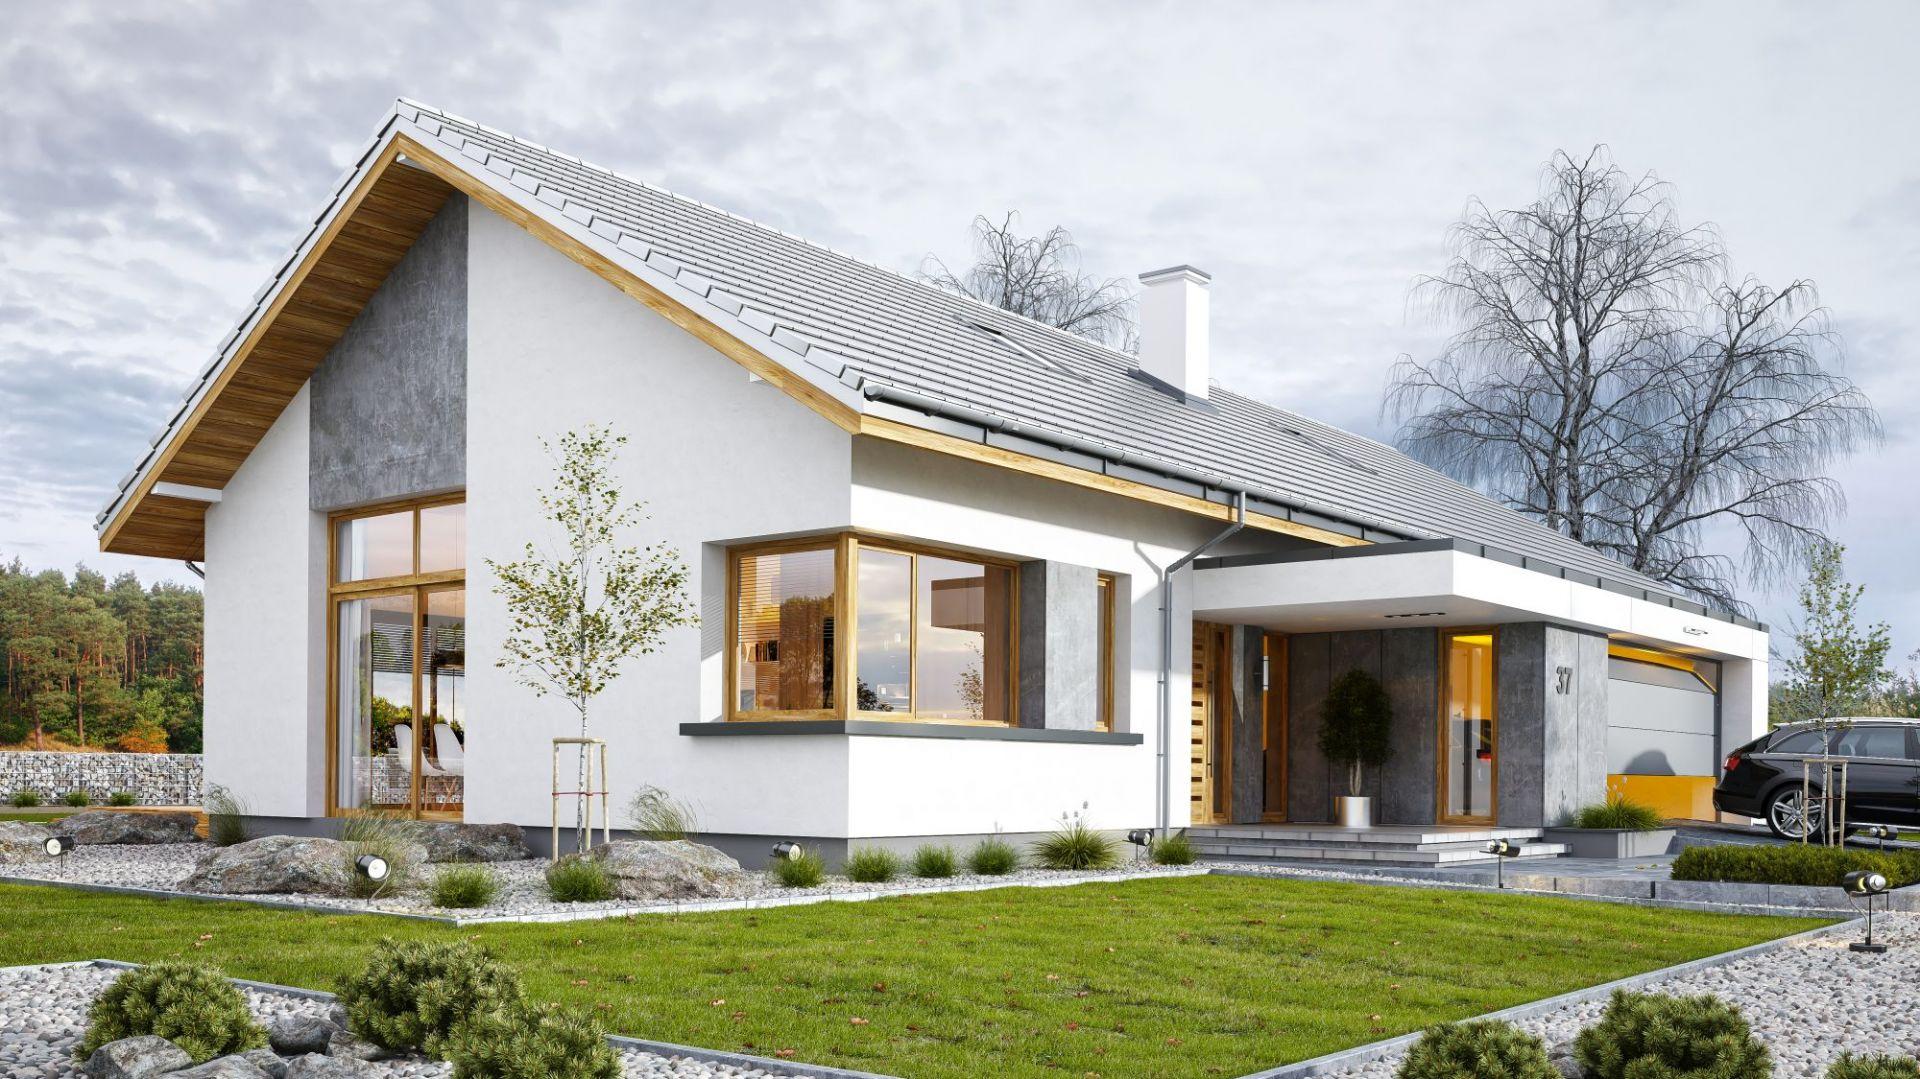 a153fcb868391 Wymarzony 5 o powierzchni użytkowej 123 m2 to wygodna i nowoczesna willa  dla 4-6